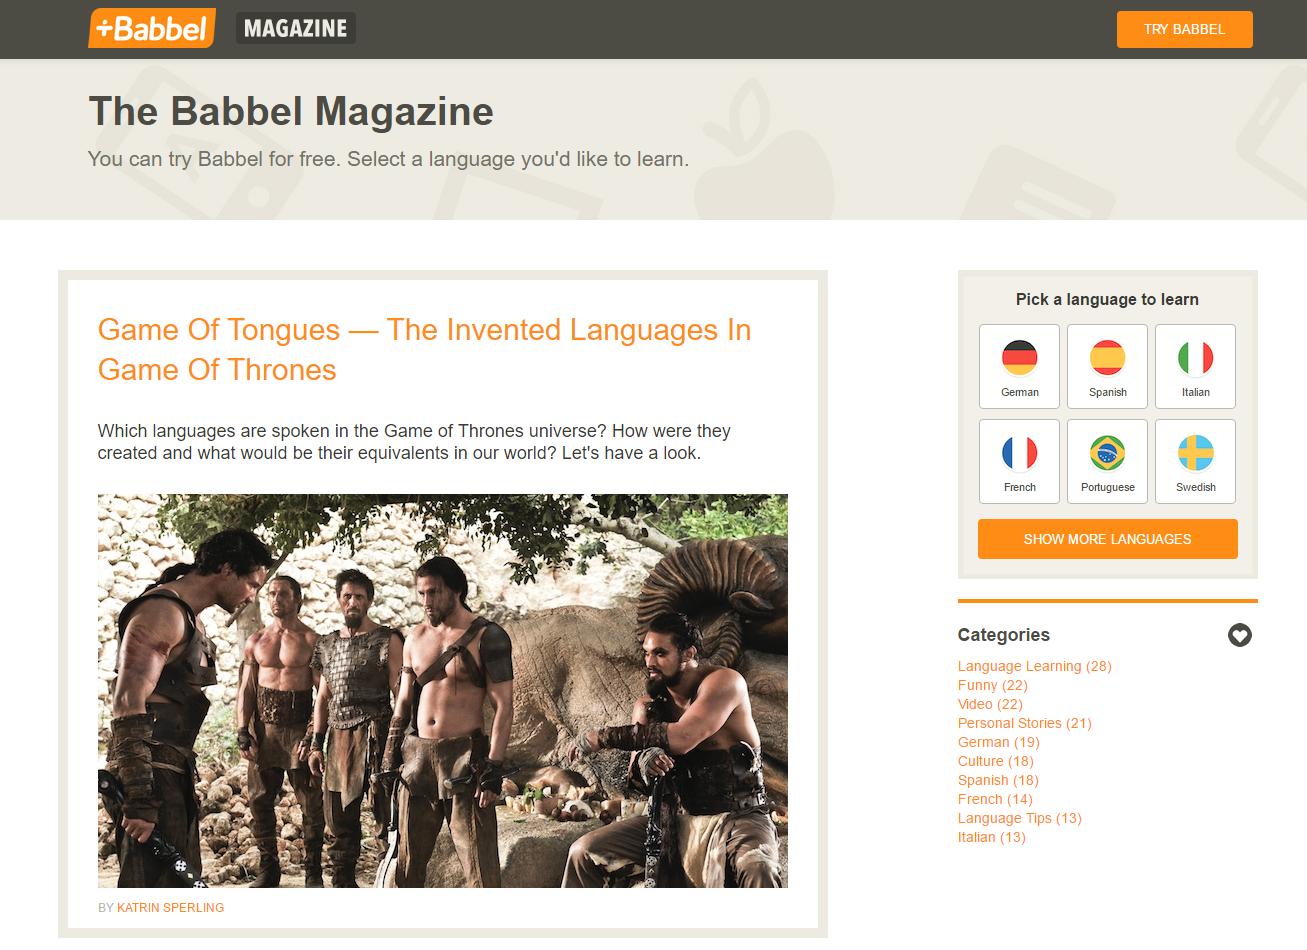 babbel magazine